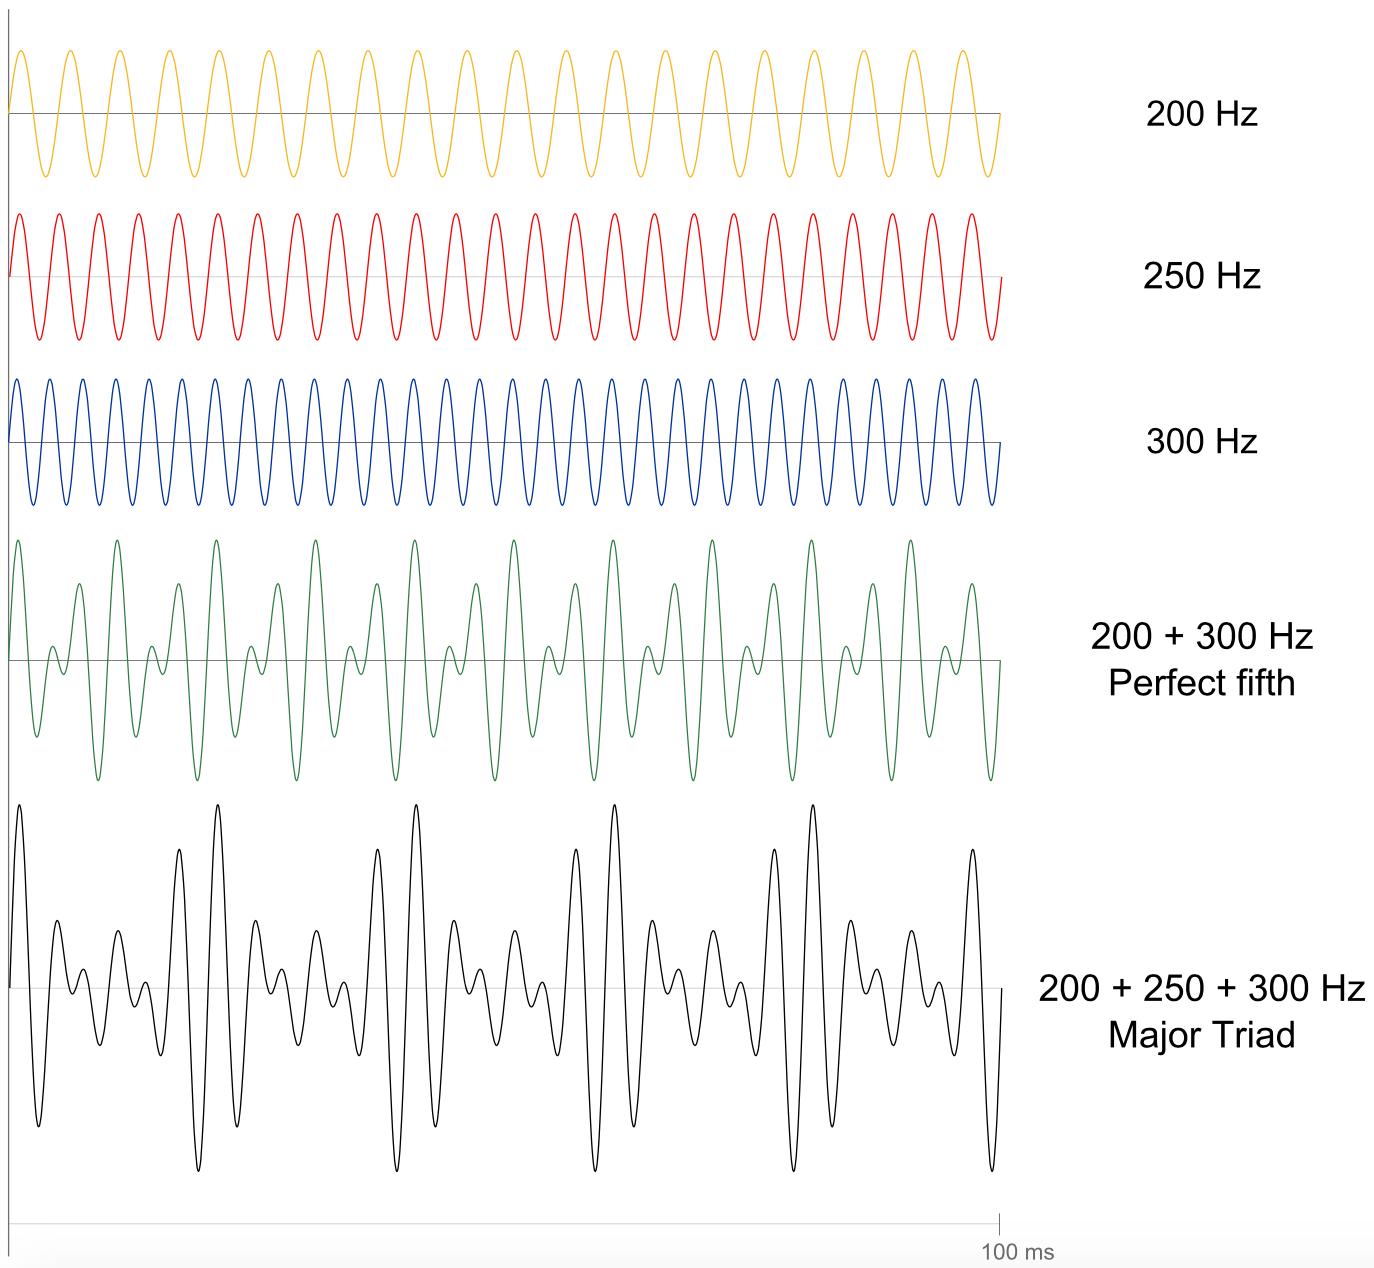 大三和弦波形图